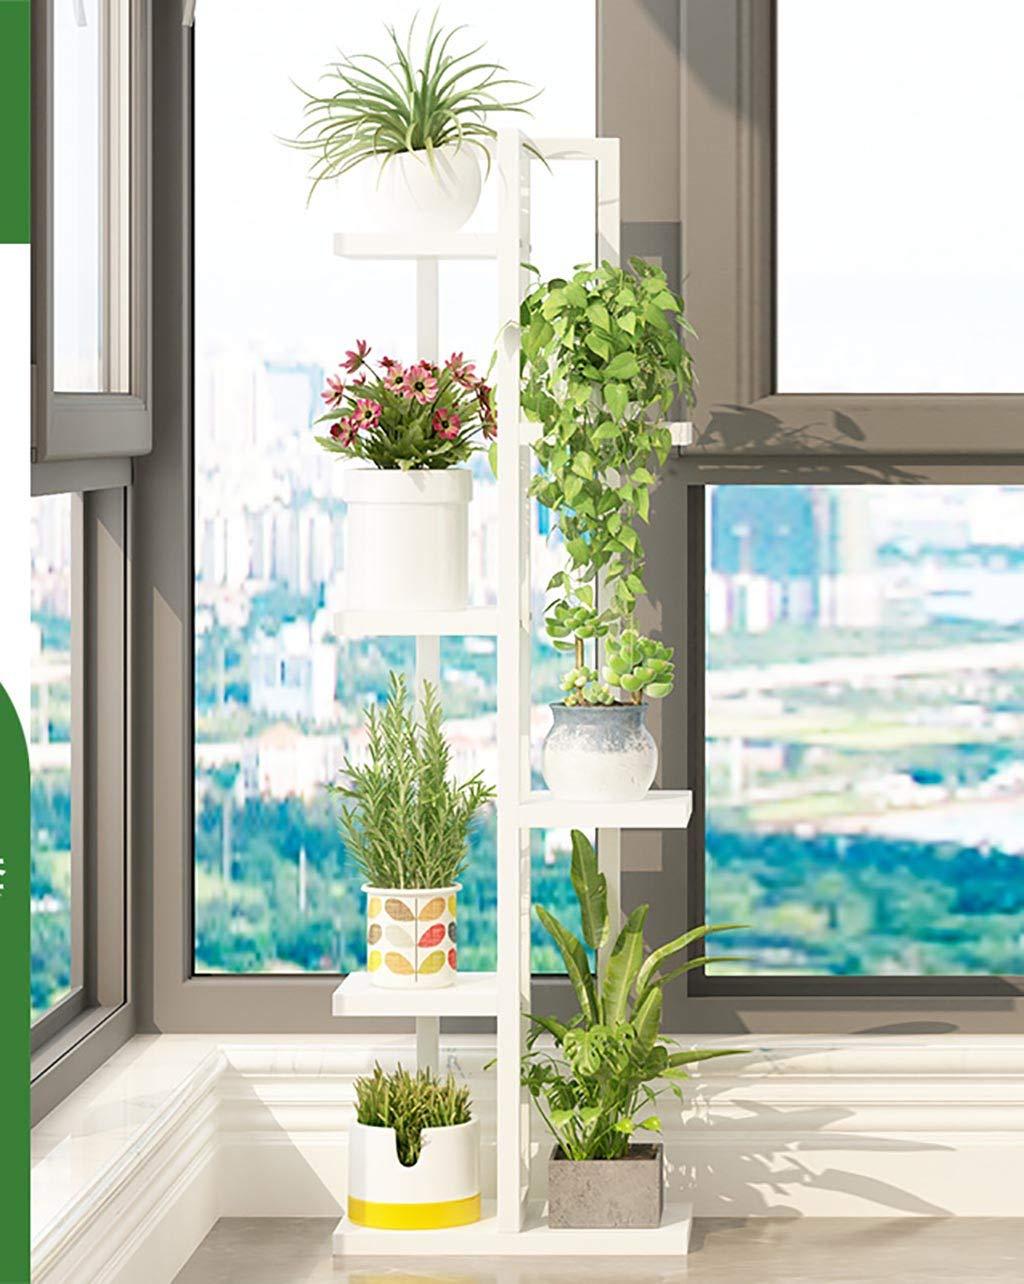 GJ-HJ Vasi E Accessori per Piante Mensola per Fiori mensola per balconi Coperta a Sei Piani in Ferro battuto con portaoggetti in Soggiorno Decorazioni per Il Giardino (colore   C)